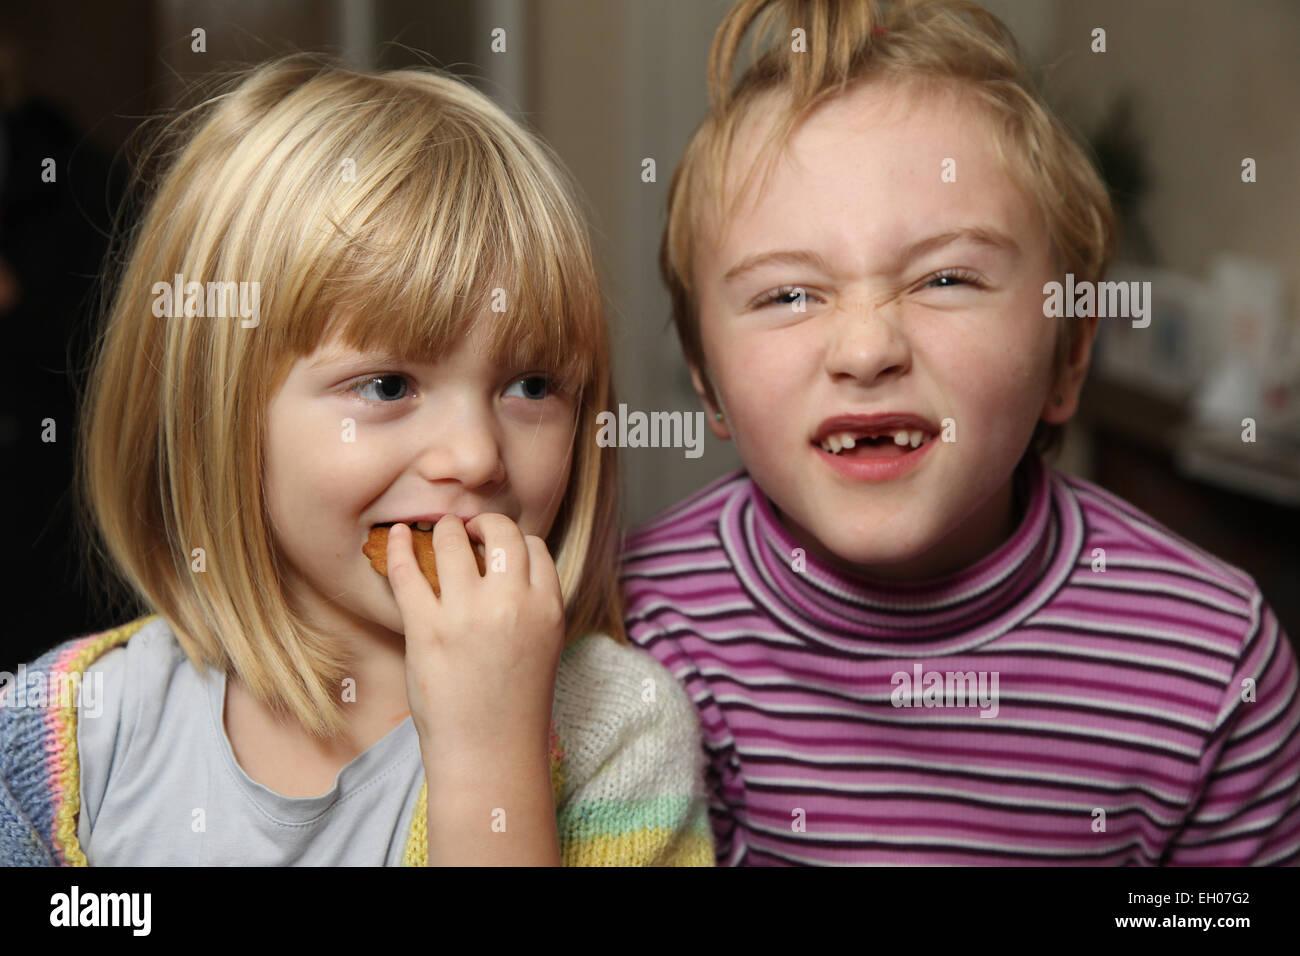 Kinder lustige Grimassen - Modell veröffentlicht Stockbild